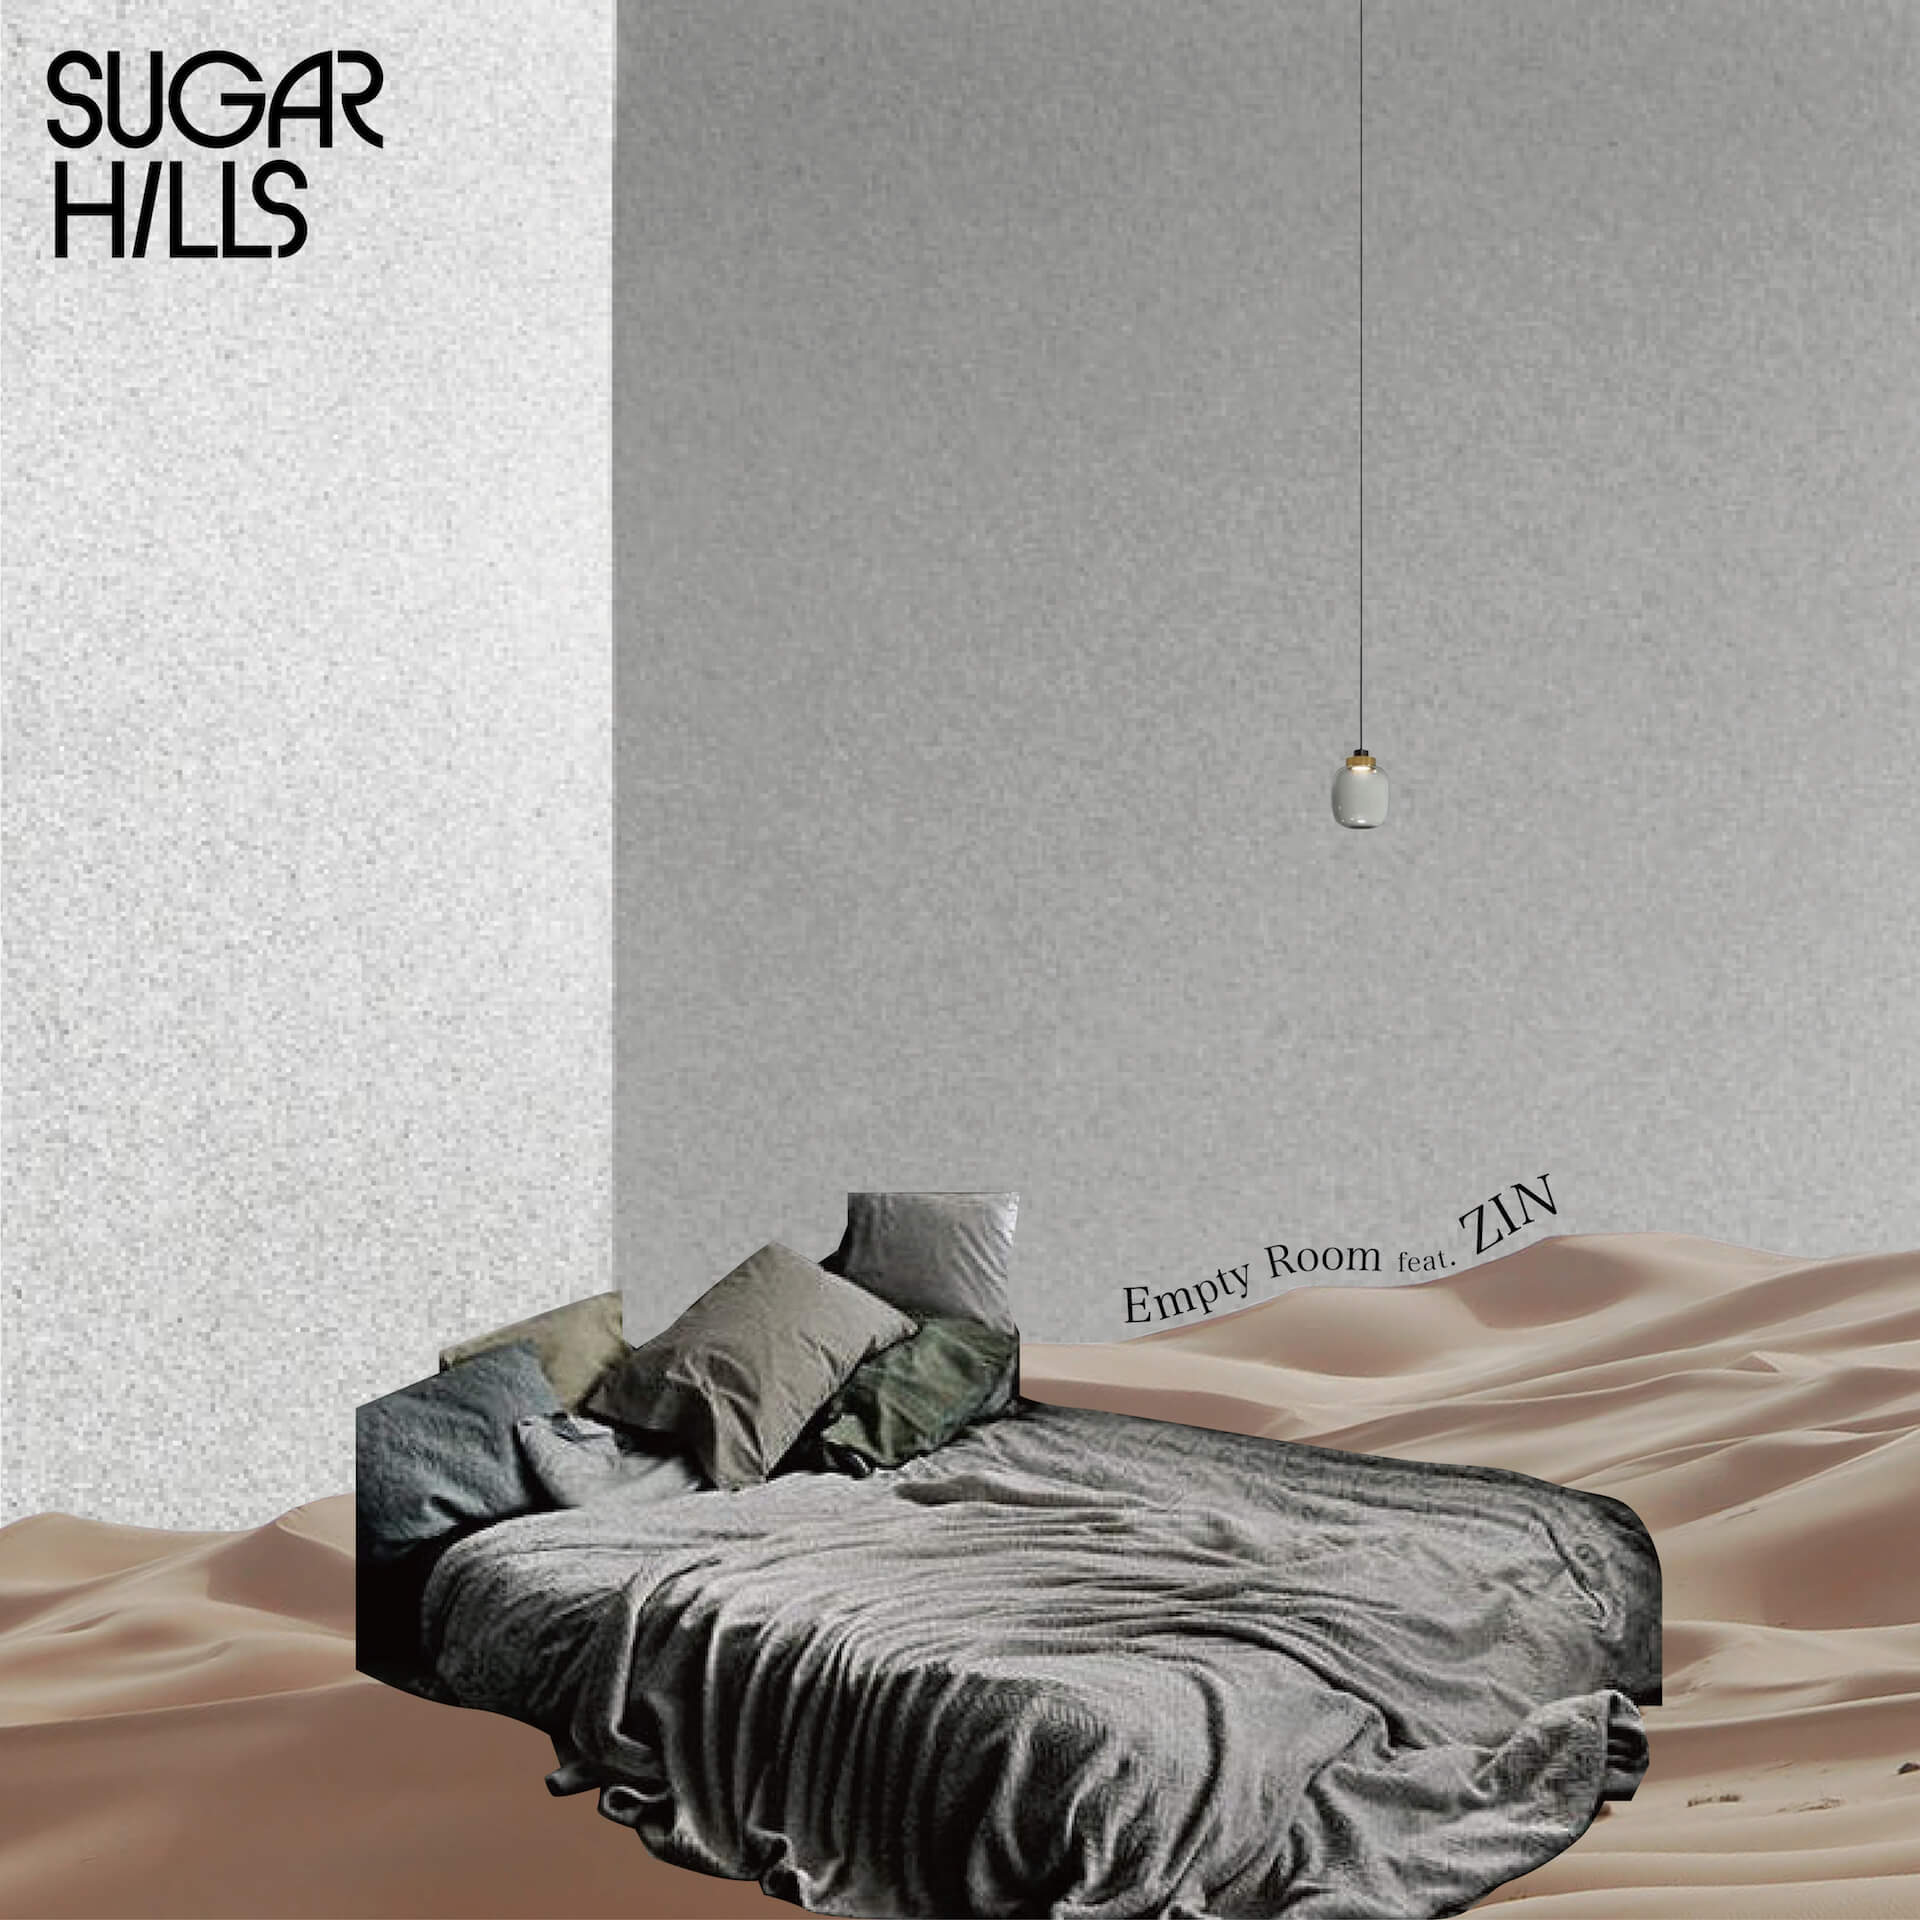 """サウンドプロデューサー・伊藤修平による新プロジェクト、SUGAR HILLSの作品第1弾""""Empty Room feat.ZIN""""がリリース決定! music200821_sugarhills_2"""